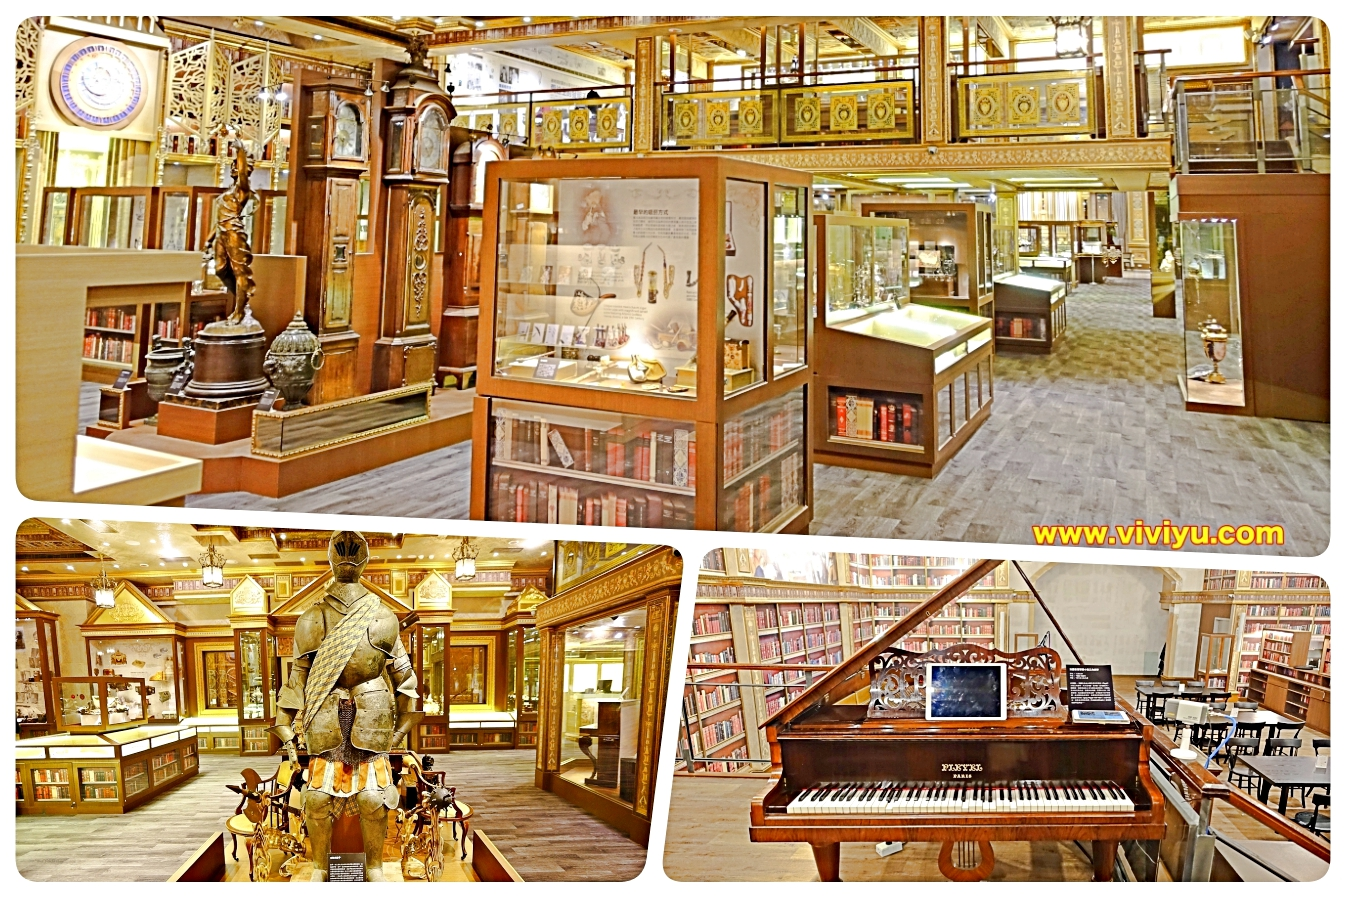 [台中·旅遊]新天地西洋古董博物館~台中免費新景點(2/28前).在博物館內用餐、百年收藏品一窺西洋燦爛文化